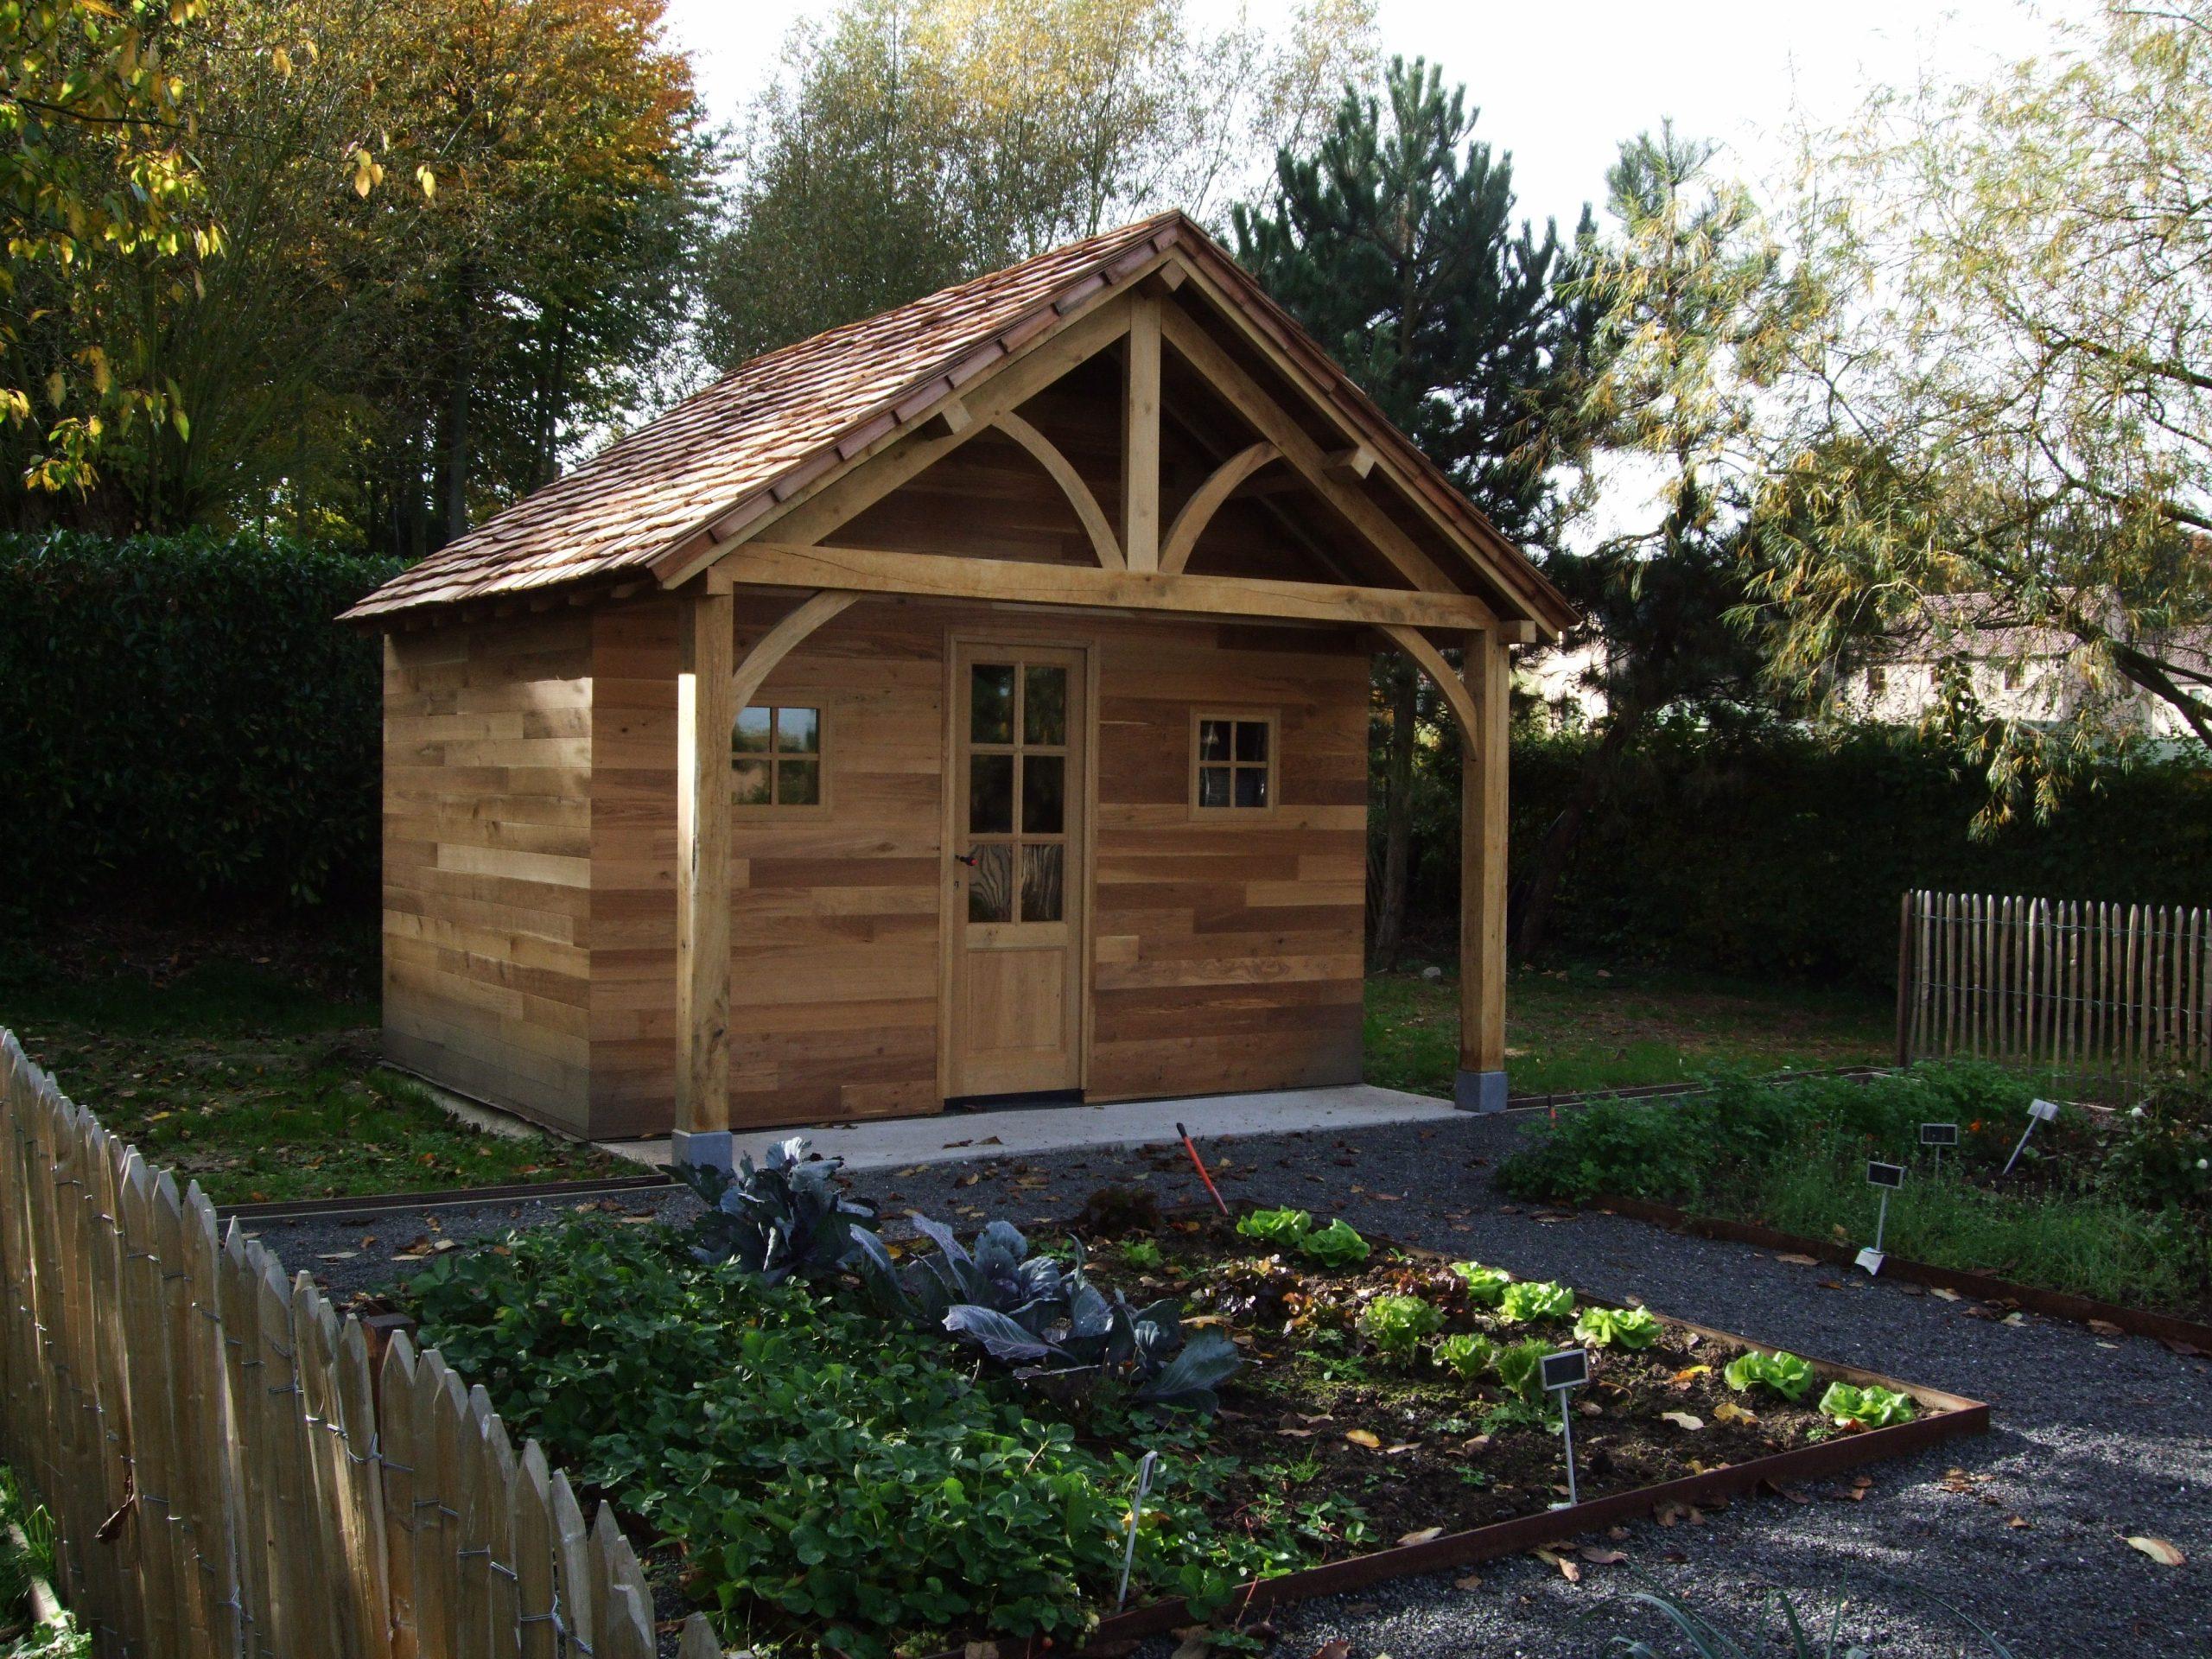 Un Abri De Jardin Sur Mesure Plein De Charme : Bardage En ... intérieur Abri De Jardin En Cedre